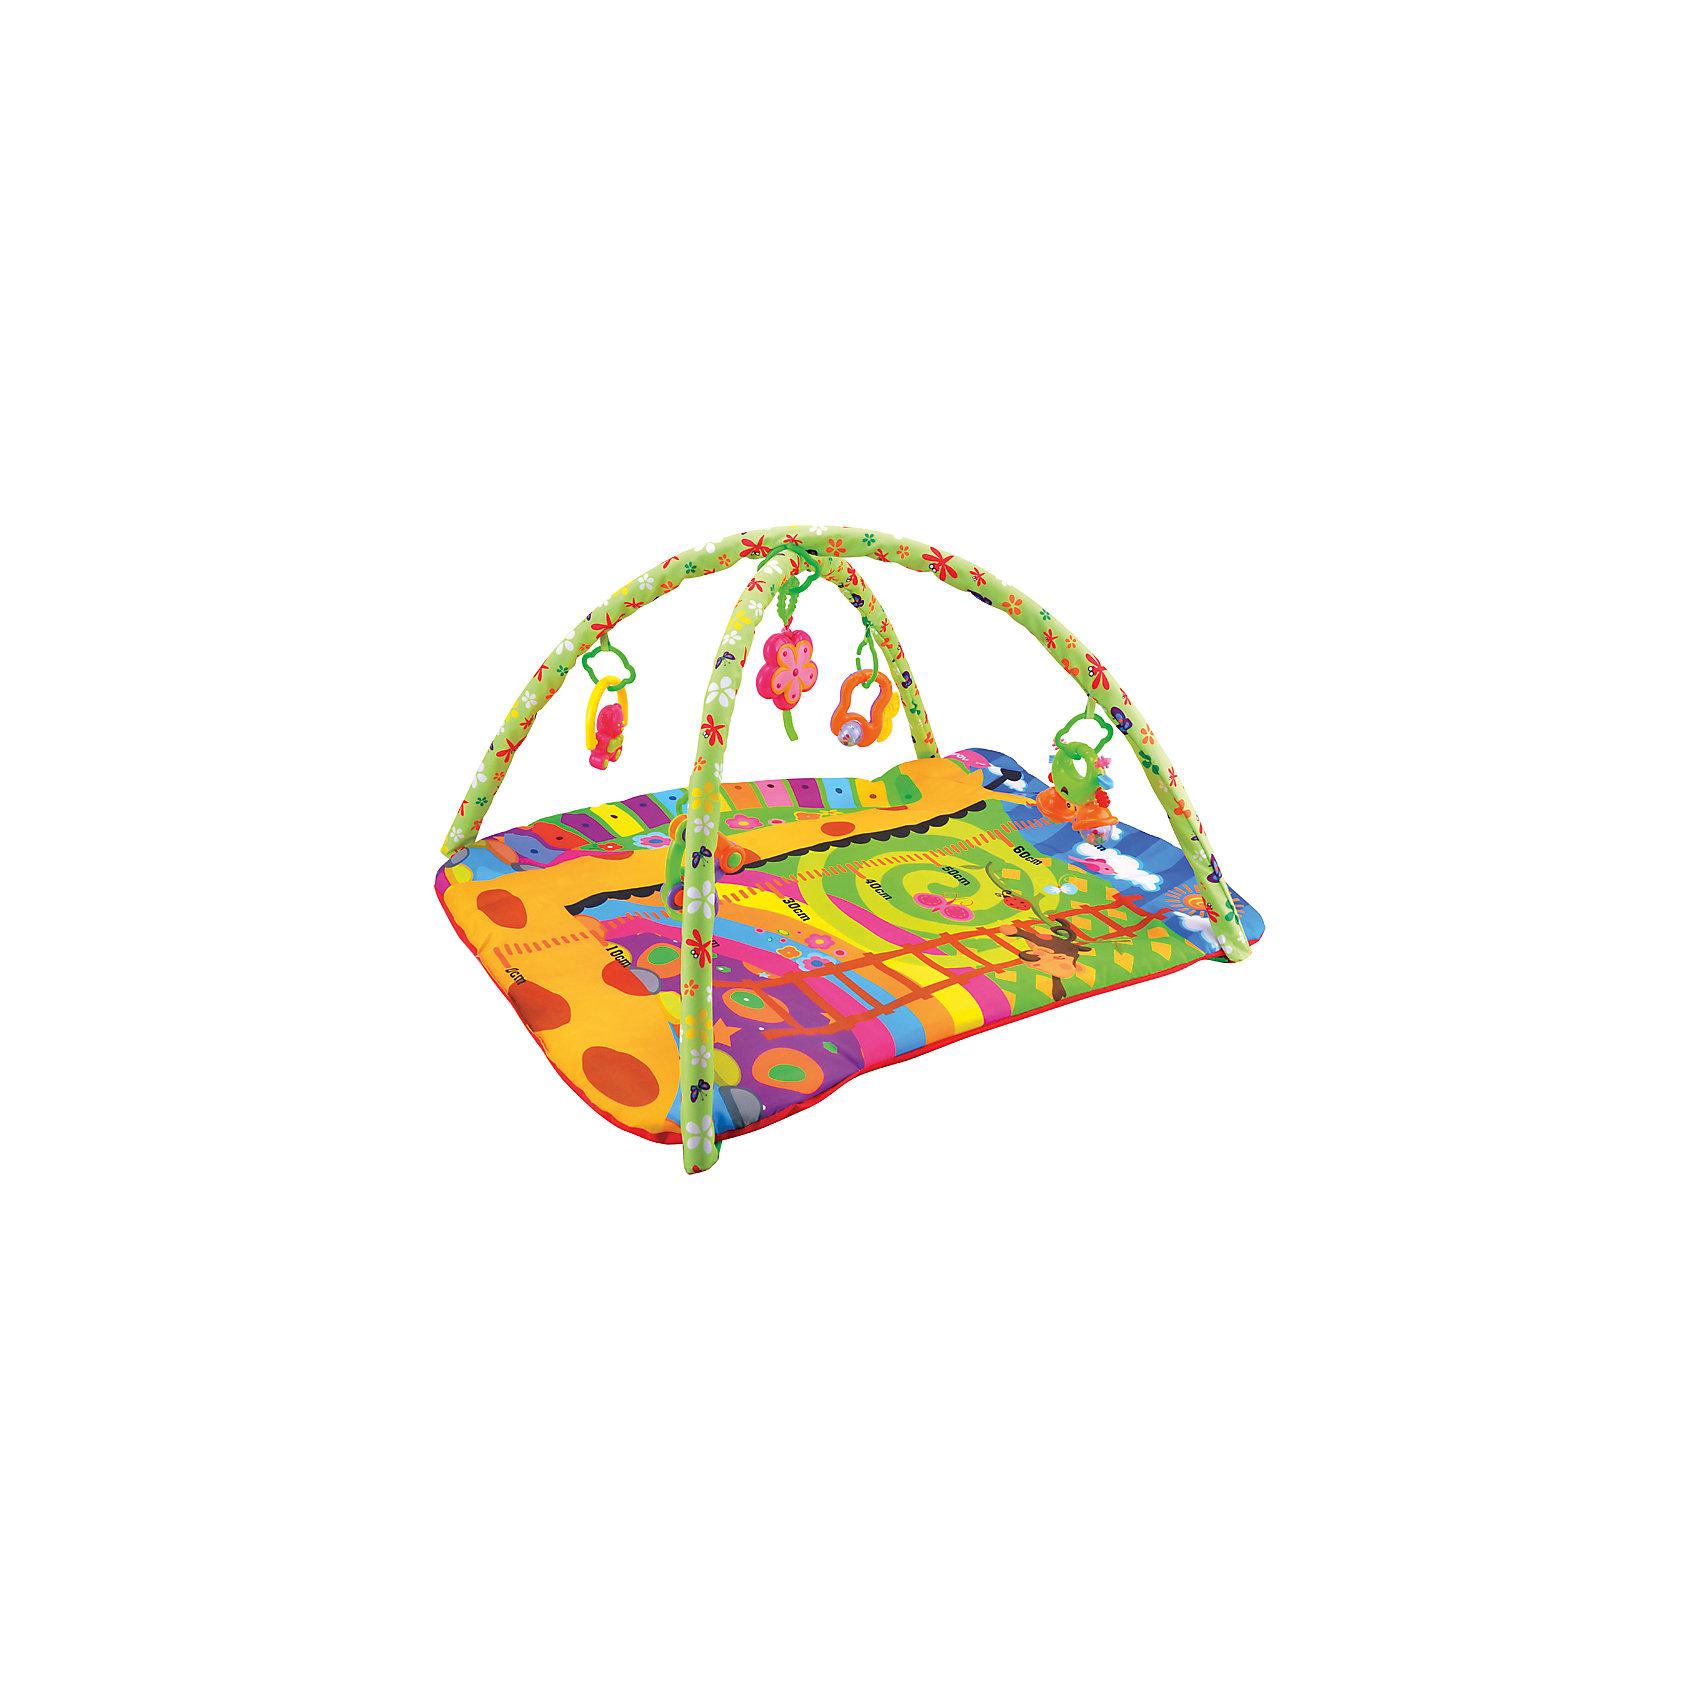 Жирафики Развивающий коврик «Ростомер жирафик», Жирафики развивающий коврик моя принцесса 5 в 1 цвет розовый